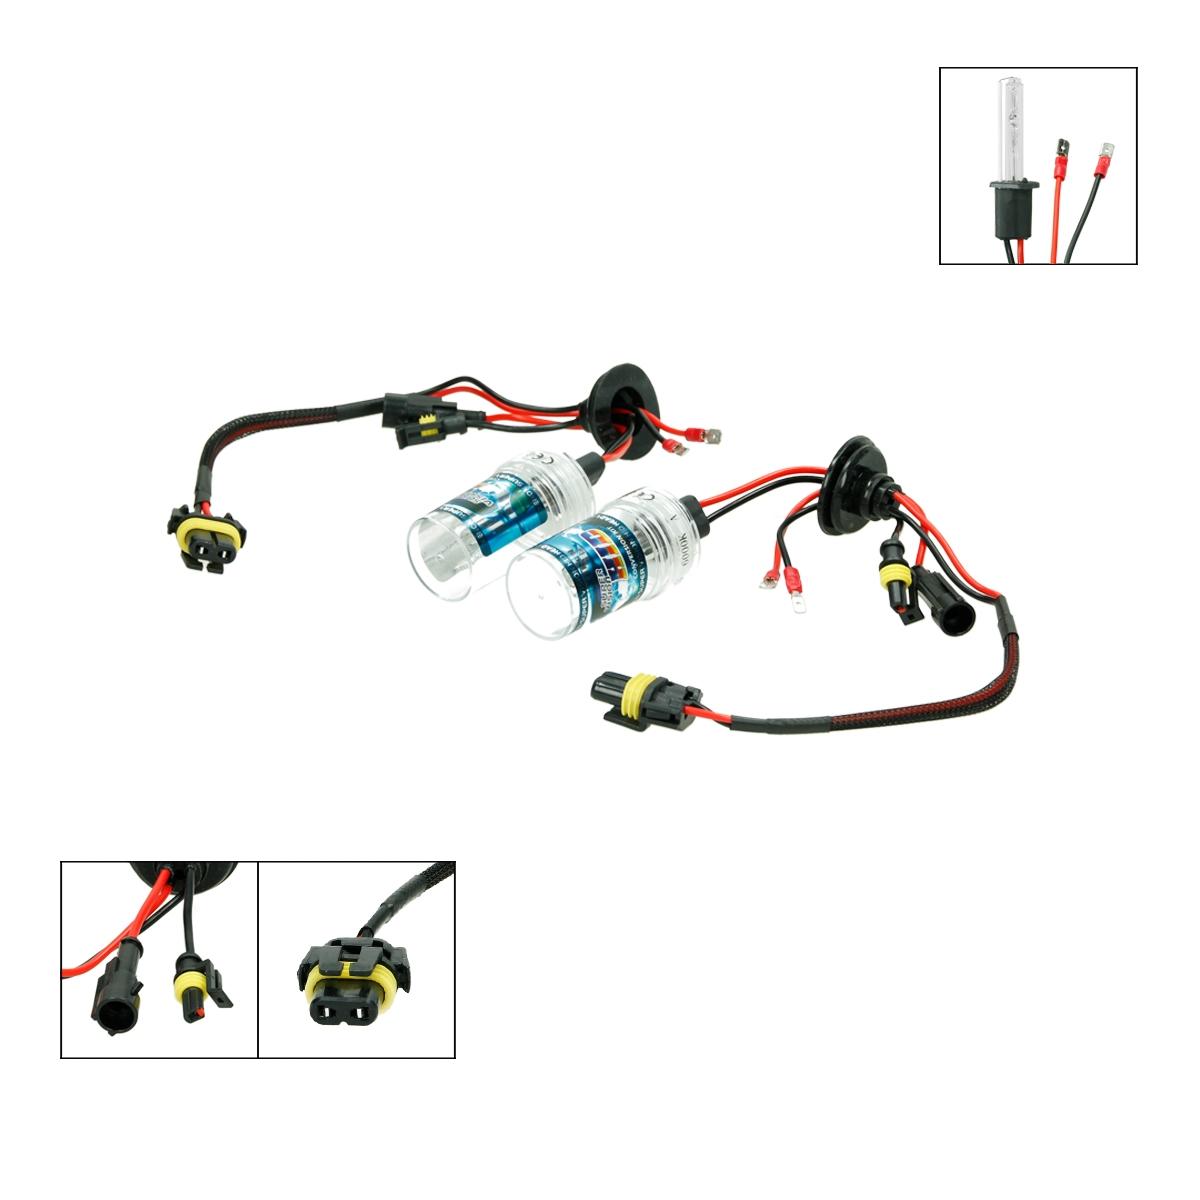 H4 Led Wiring